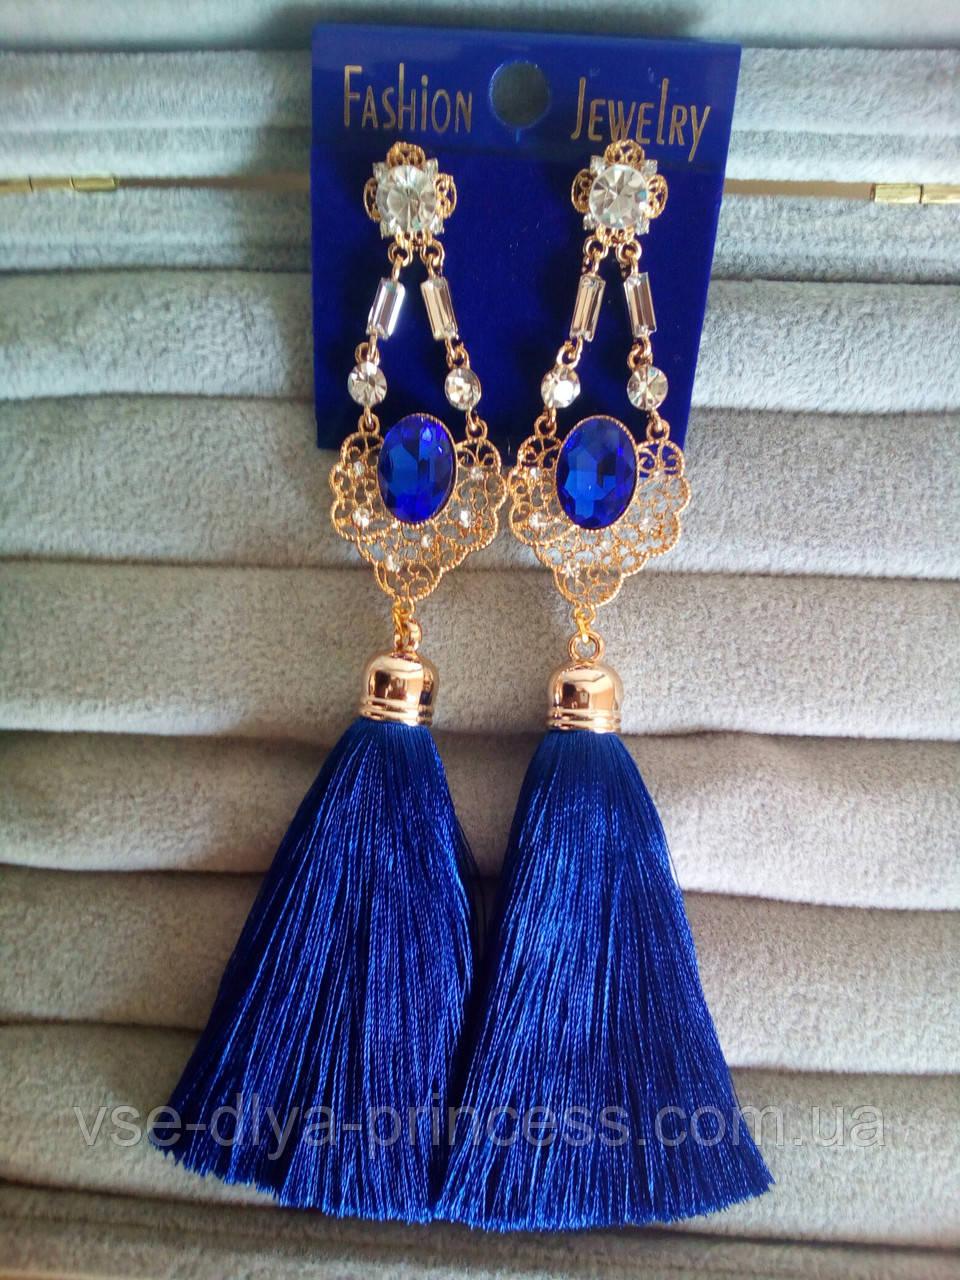 Серьги кисточки, удлиненные шелковые кисти, синие,  высота 13 см.